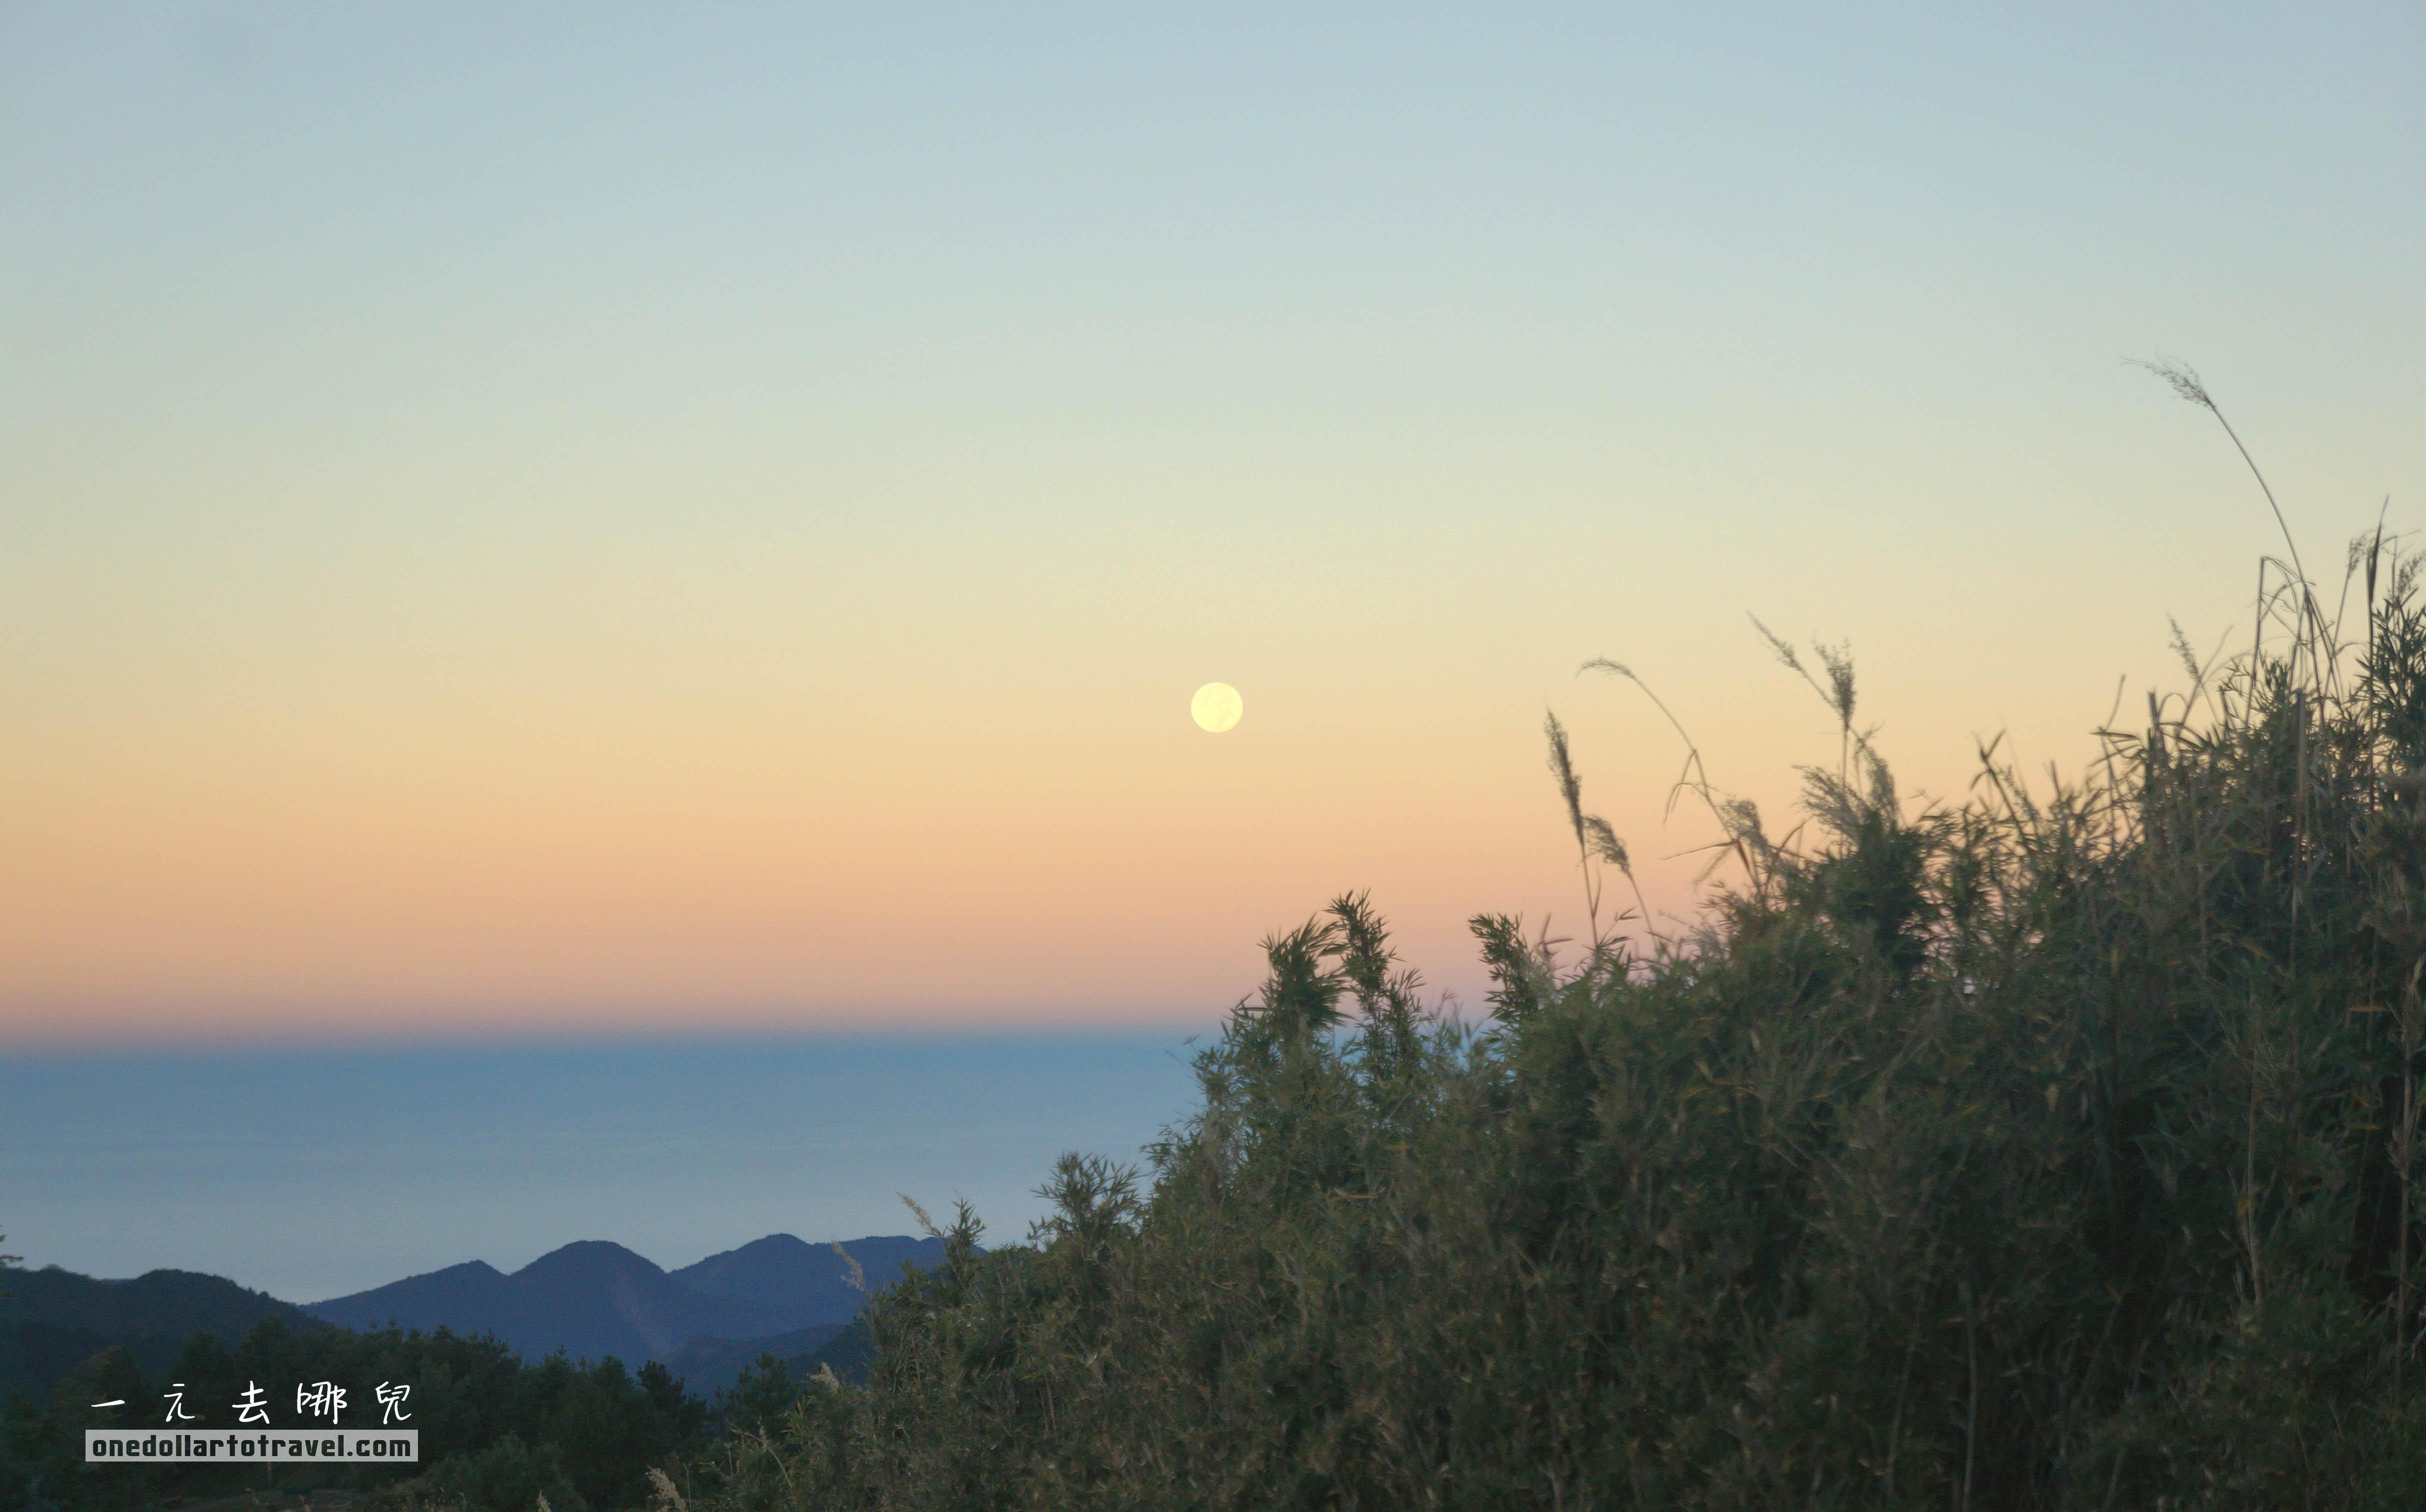 臺灣玉山登山體驗 行夜山尋找他鄉的日出 - Tripbaa 趣吧 ‧ 亞洲自由行專家